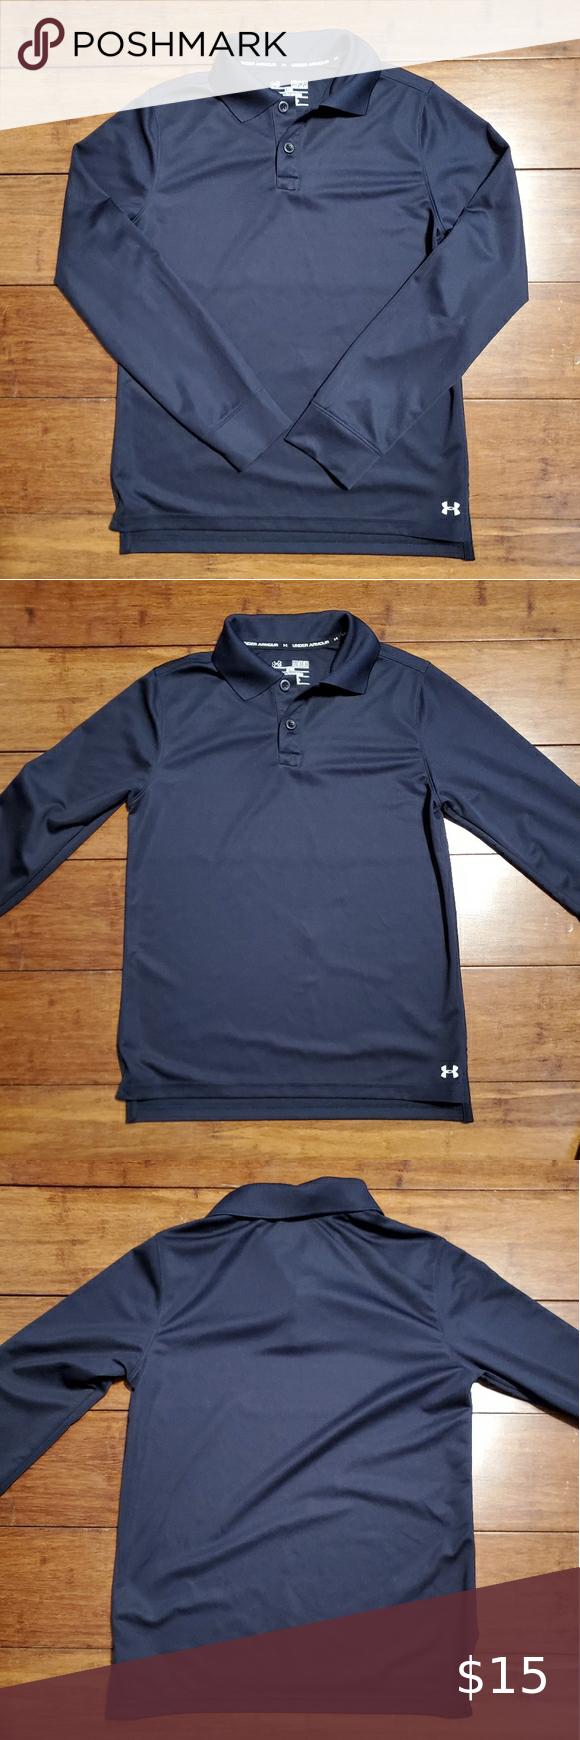 Under Armour Boys Long Sleeve Polo Shirt In 2020 Boys Long Sleeve Polo Long Sleeve Polo Shirt Clothes Design